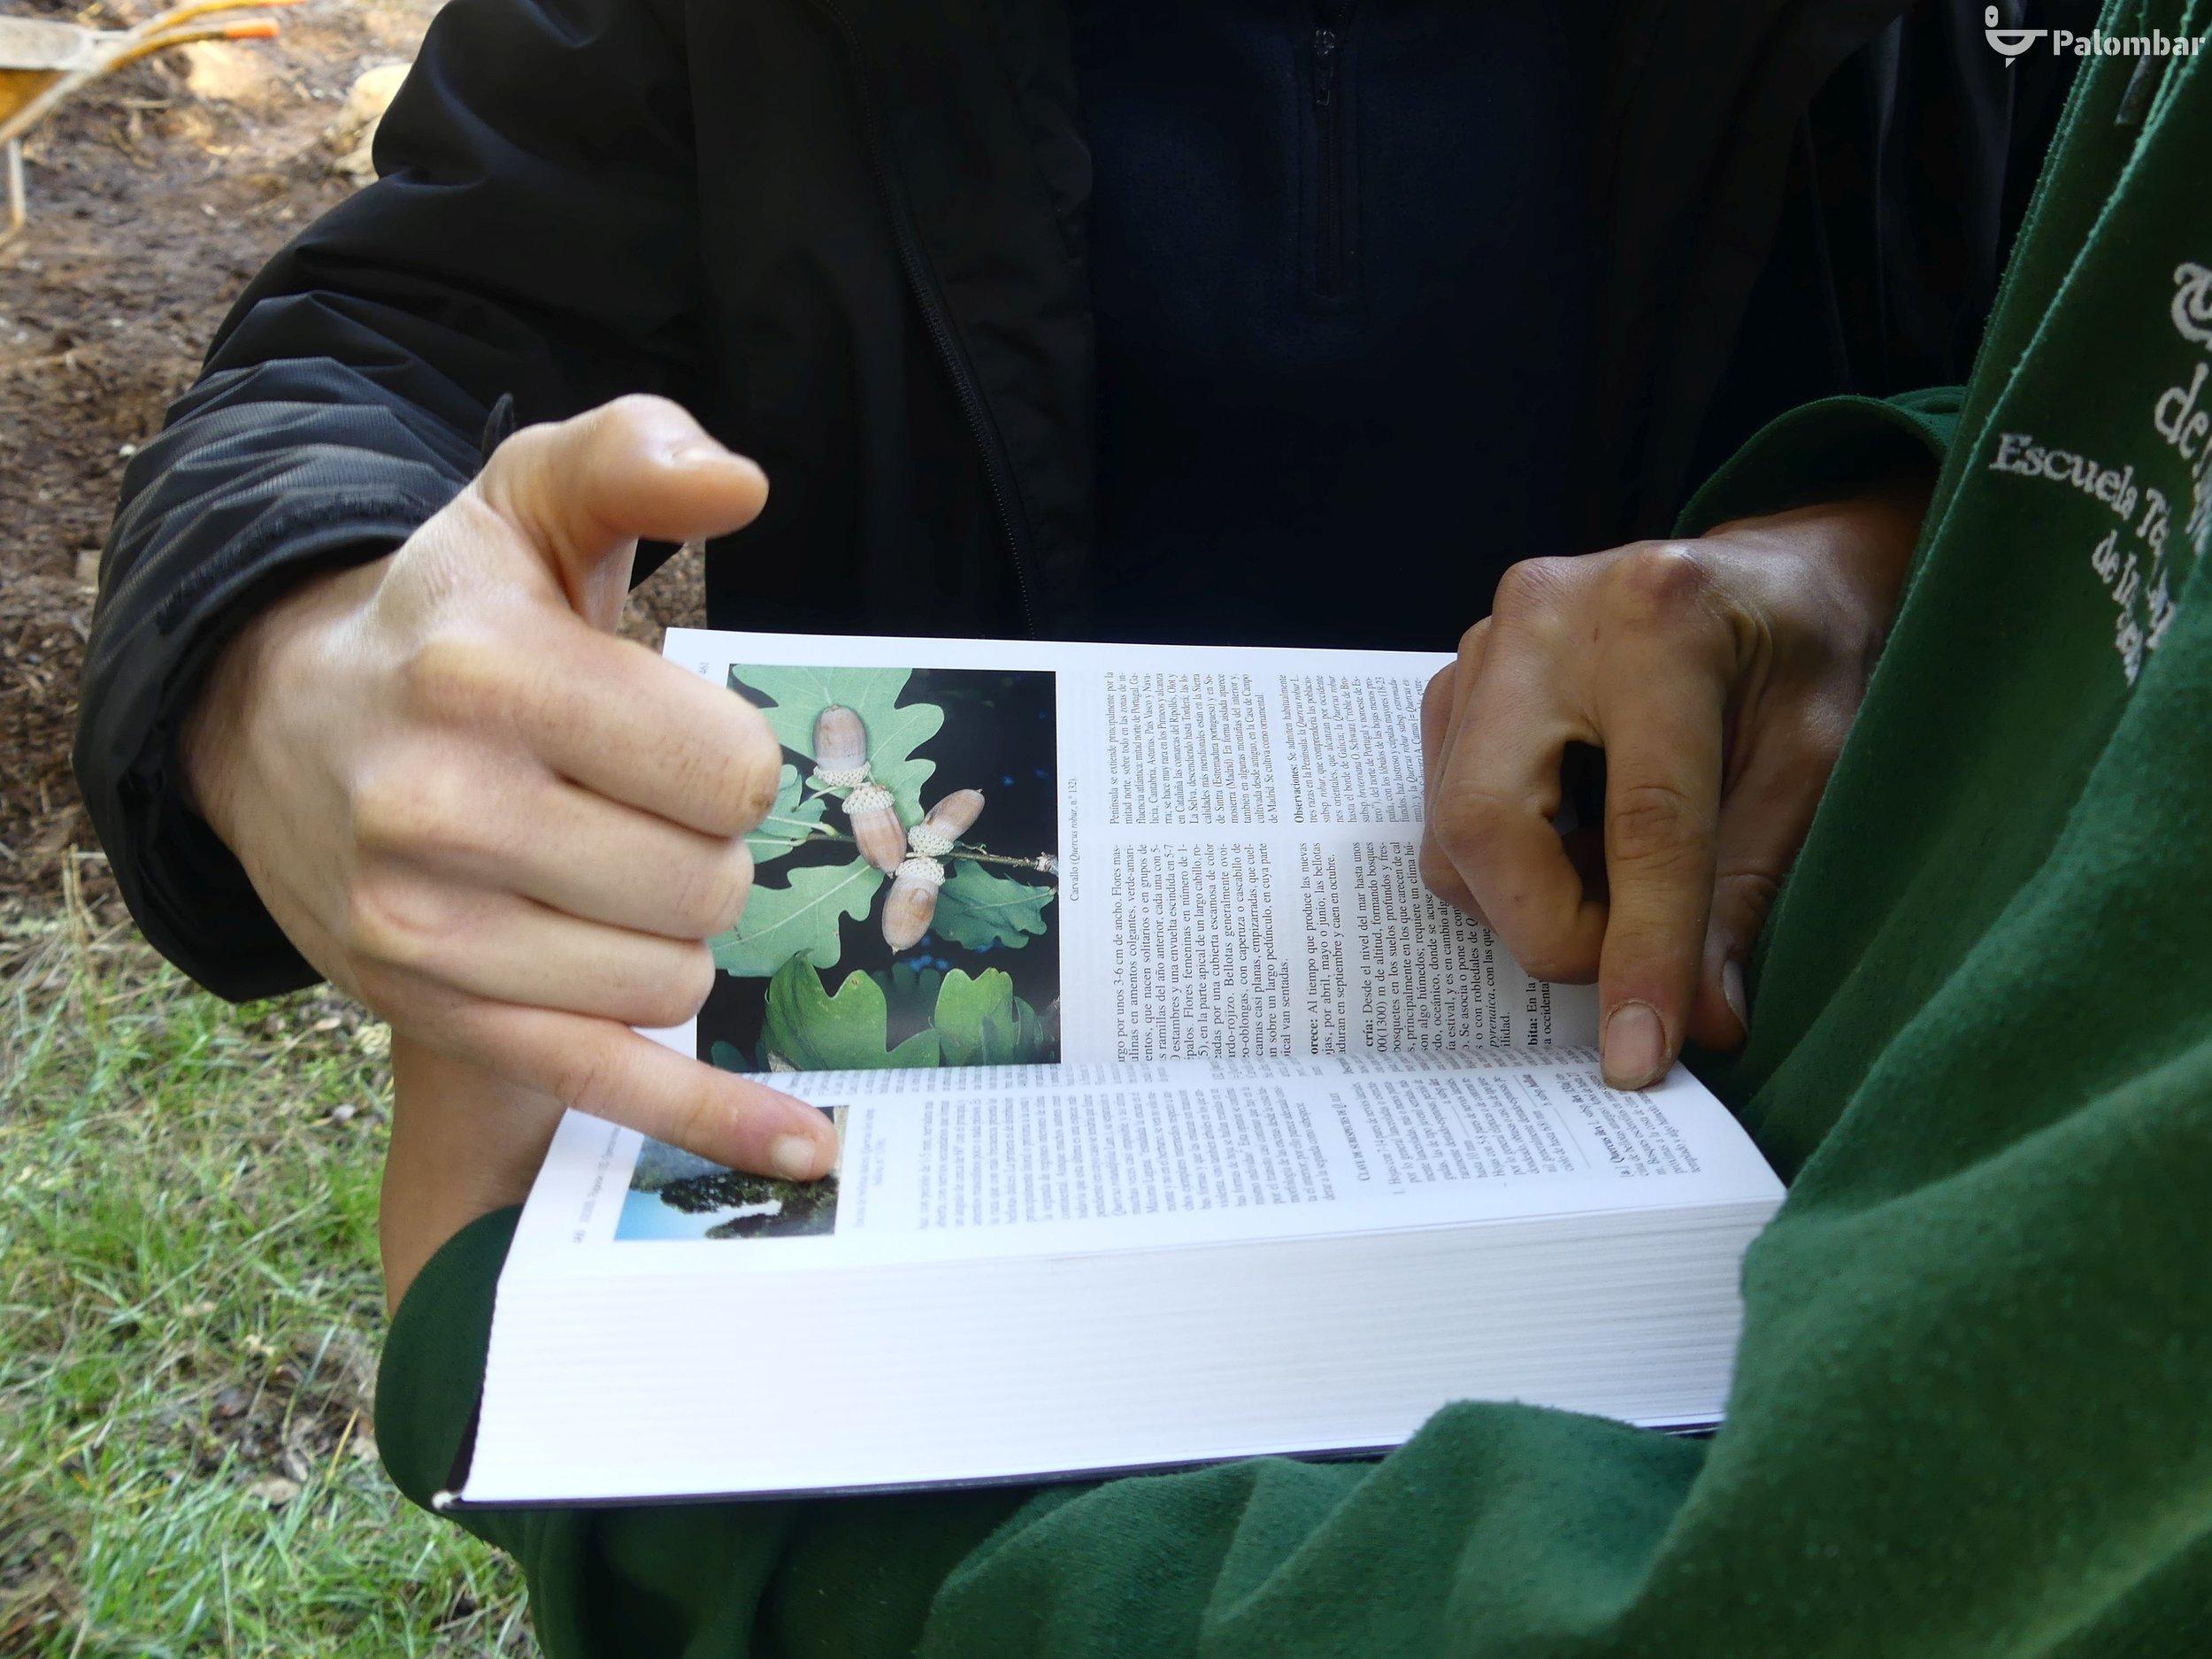 Explicação sobre árvores autóctones.